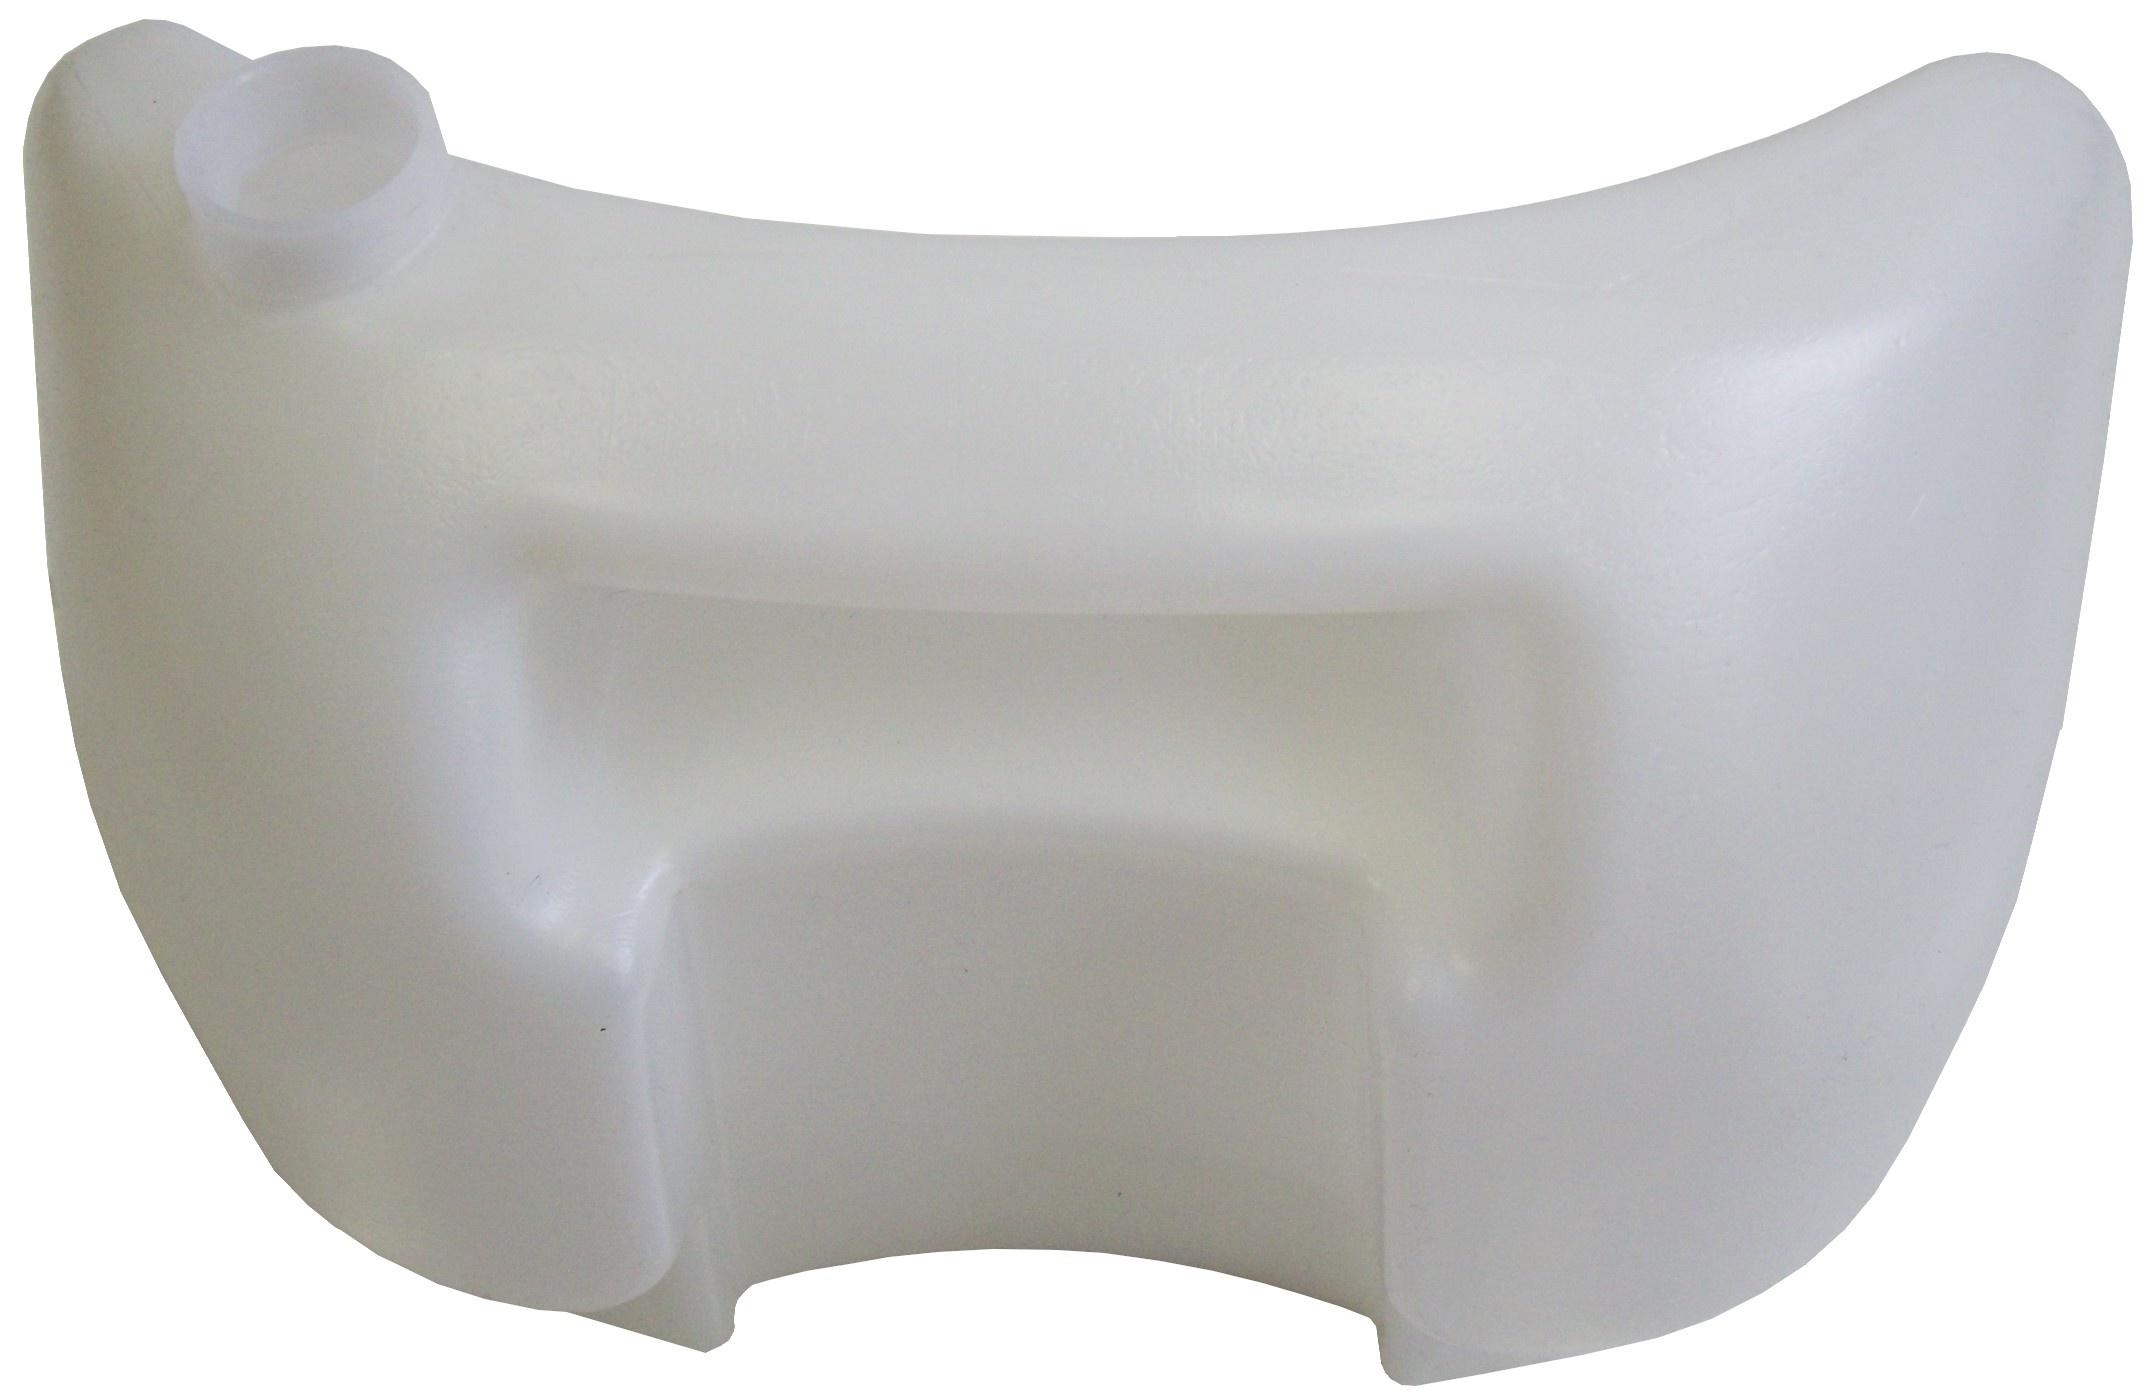 LIV externí nádobka na šamponování